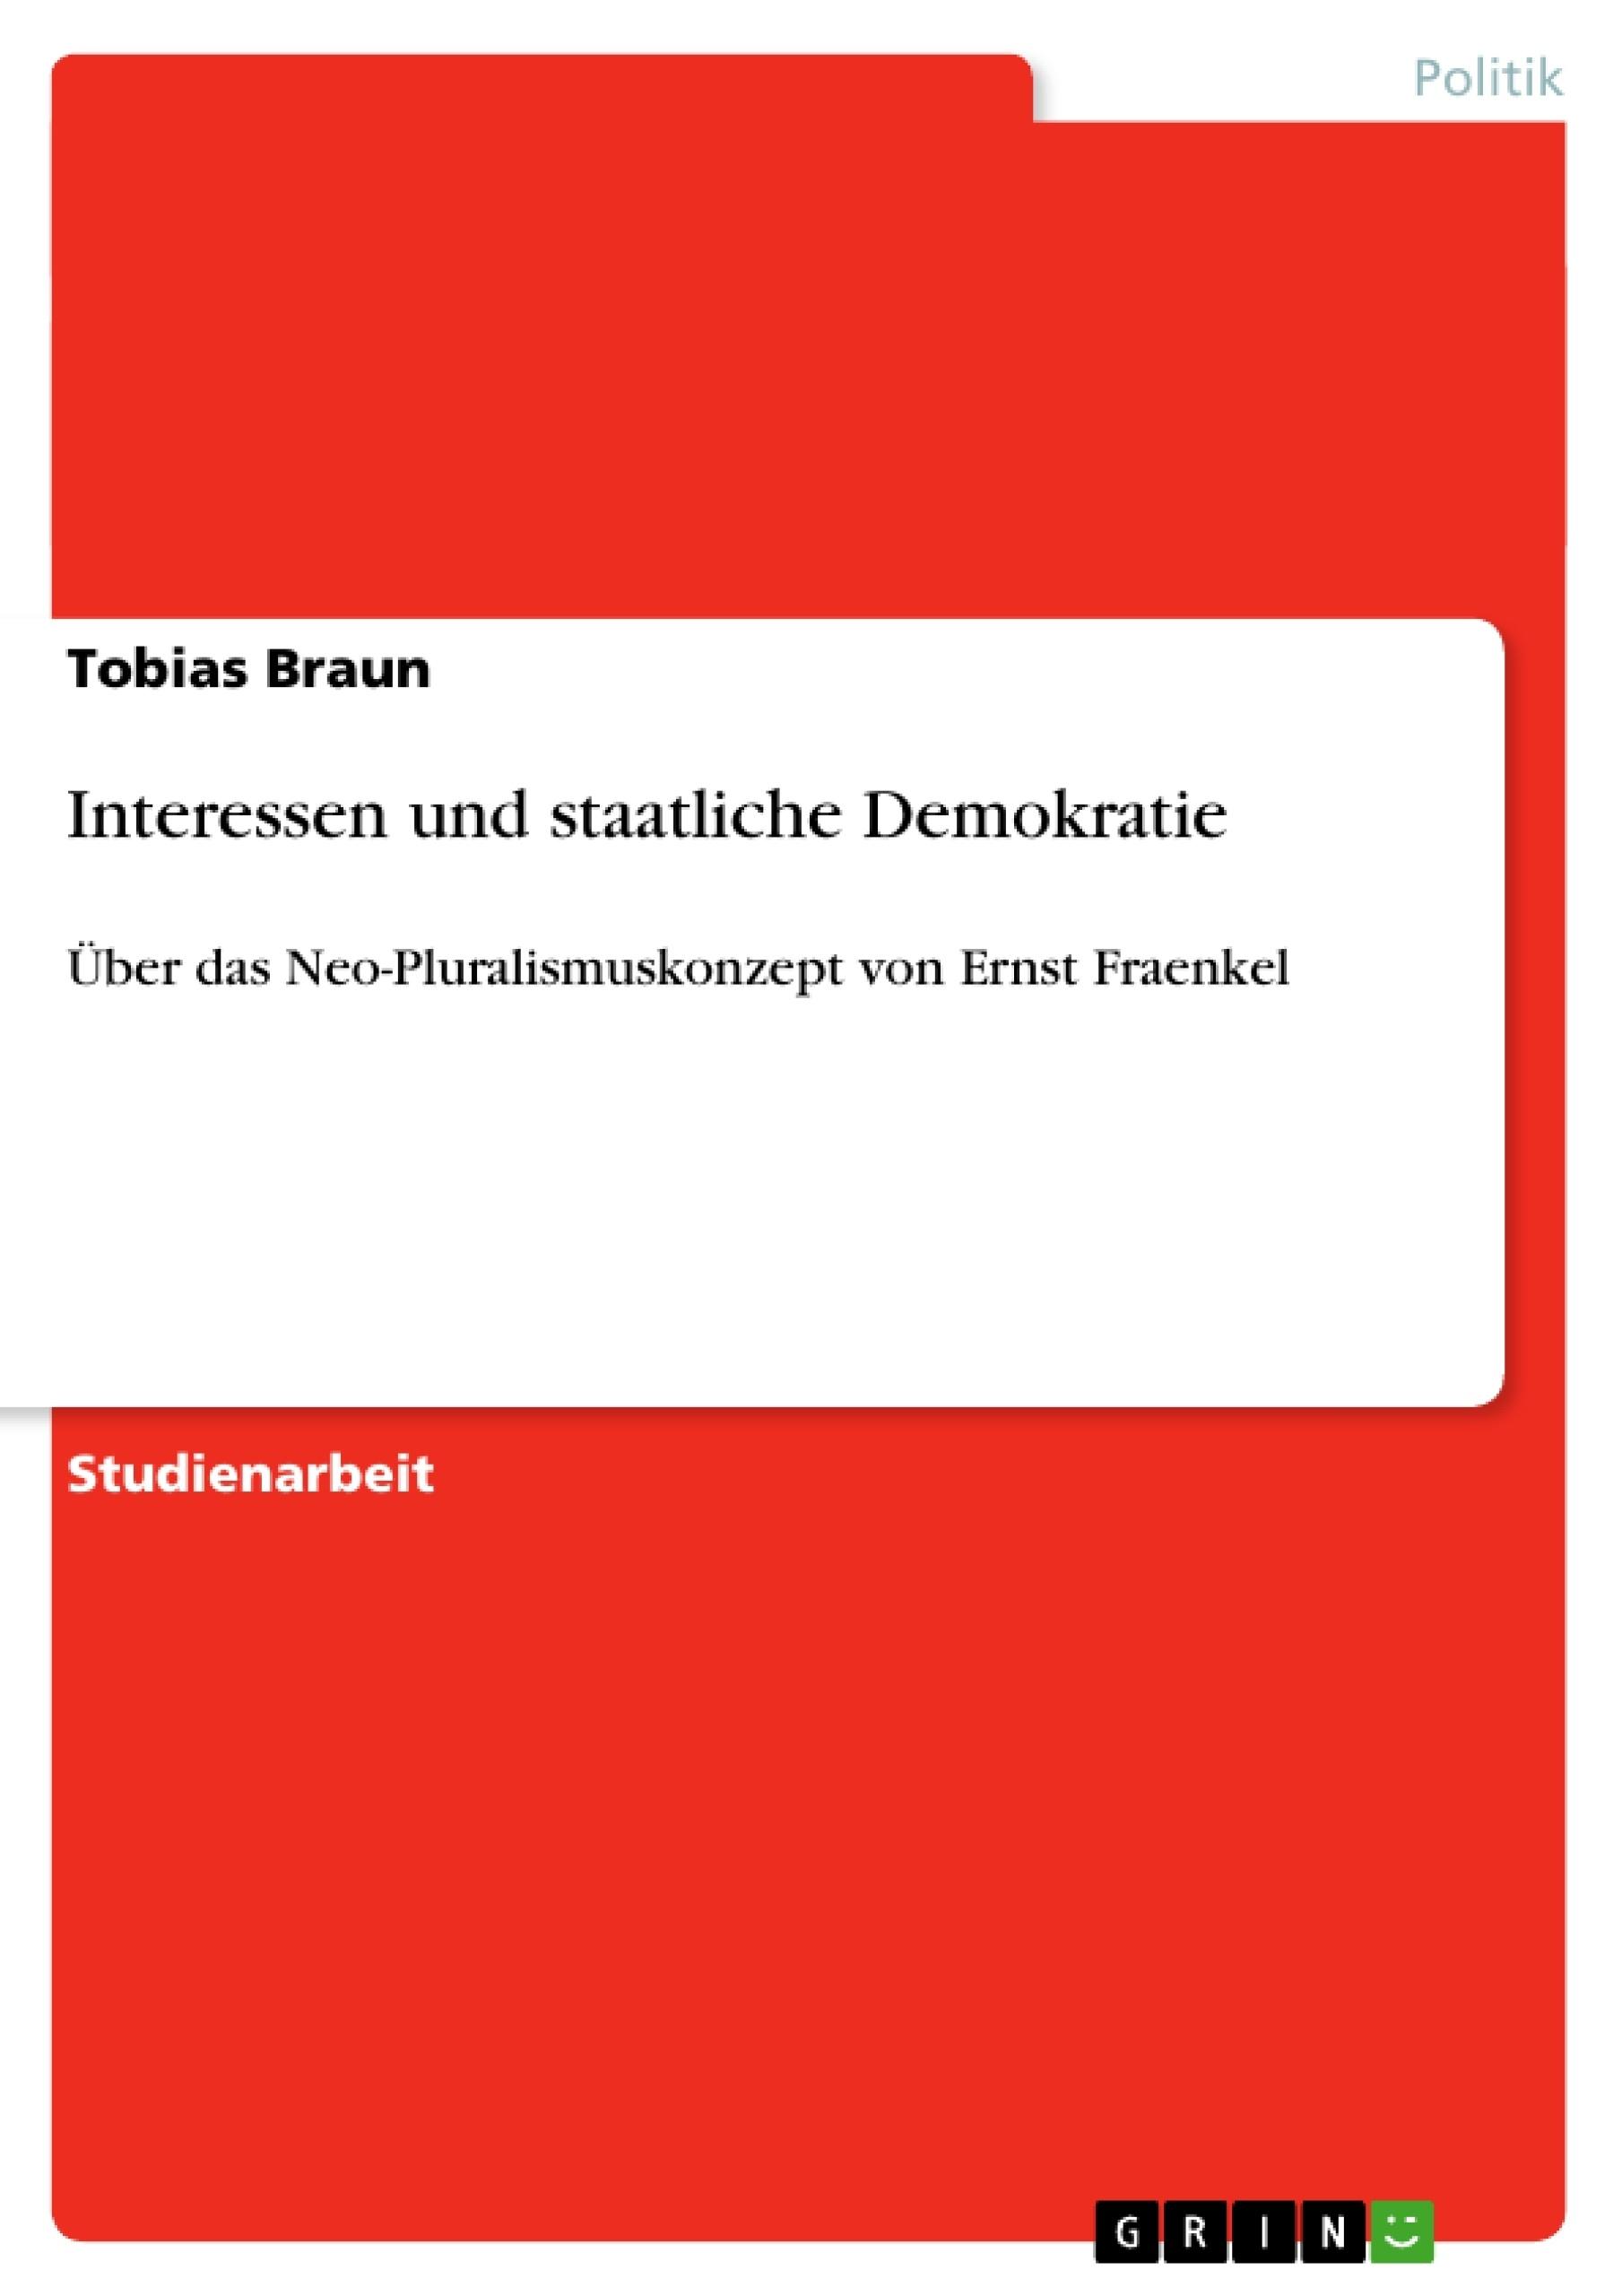 Titel: Interessen und staatliche Demokratie